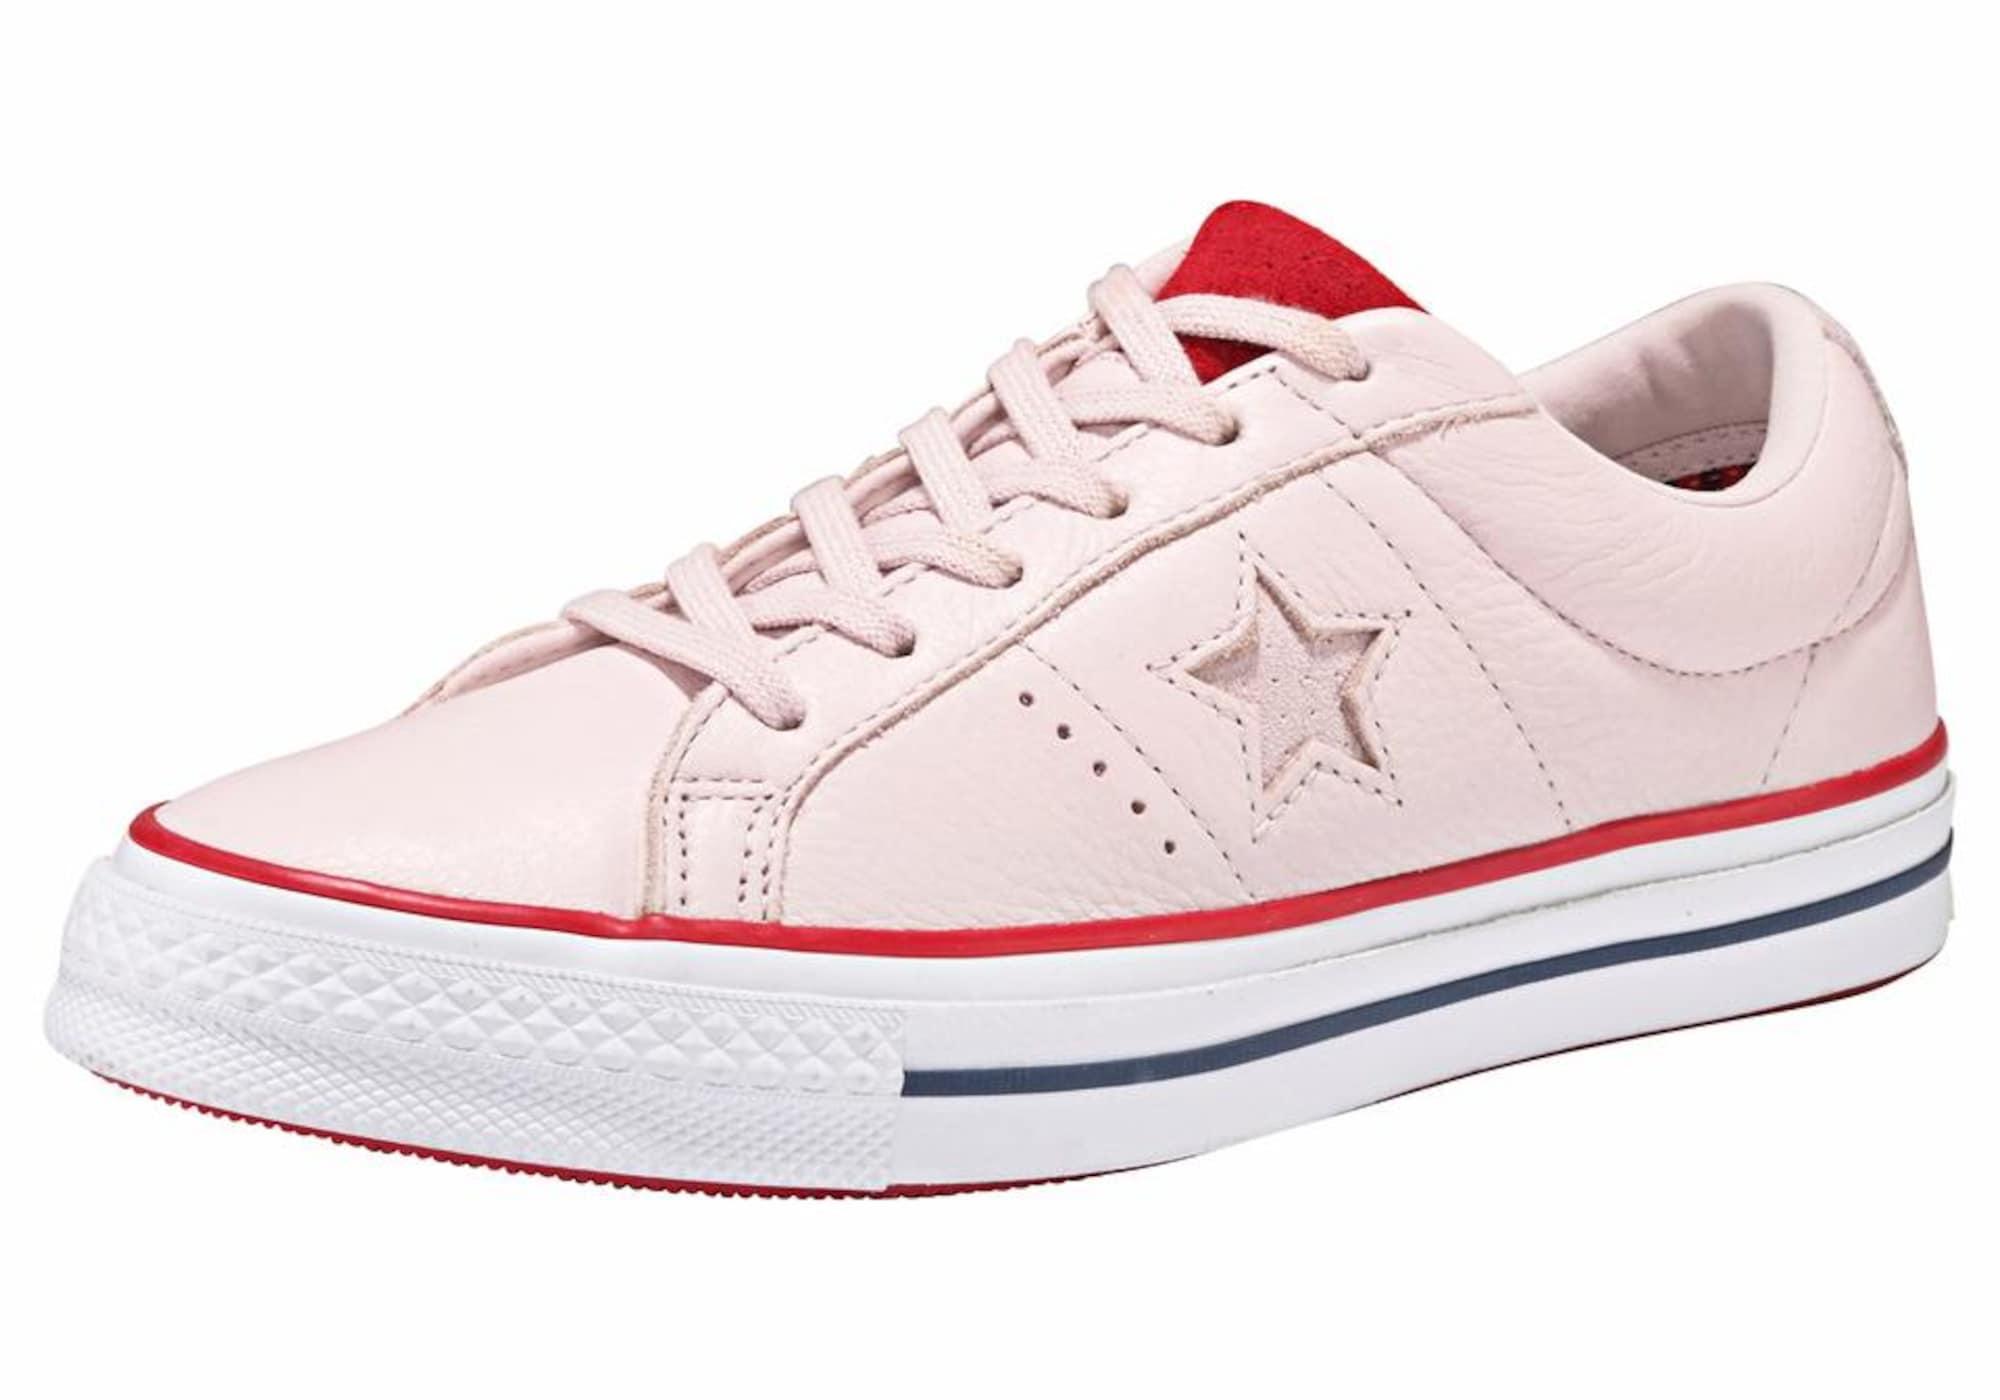 Tenisky ONE STAR OX růžová světle červená CONVERSE